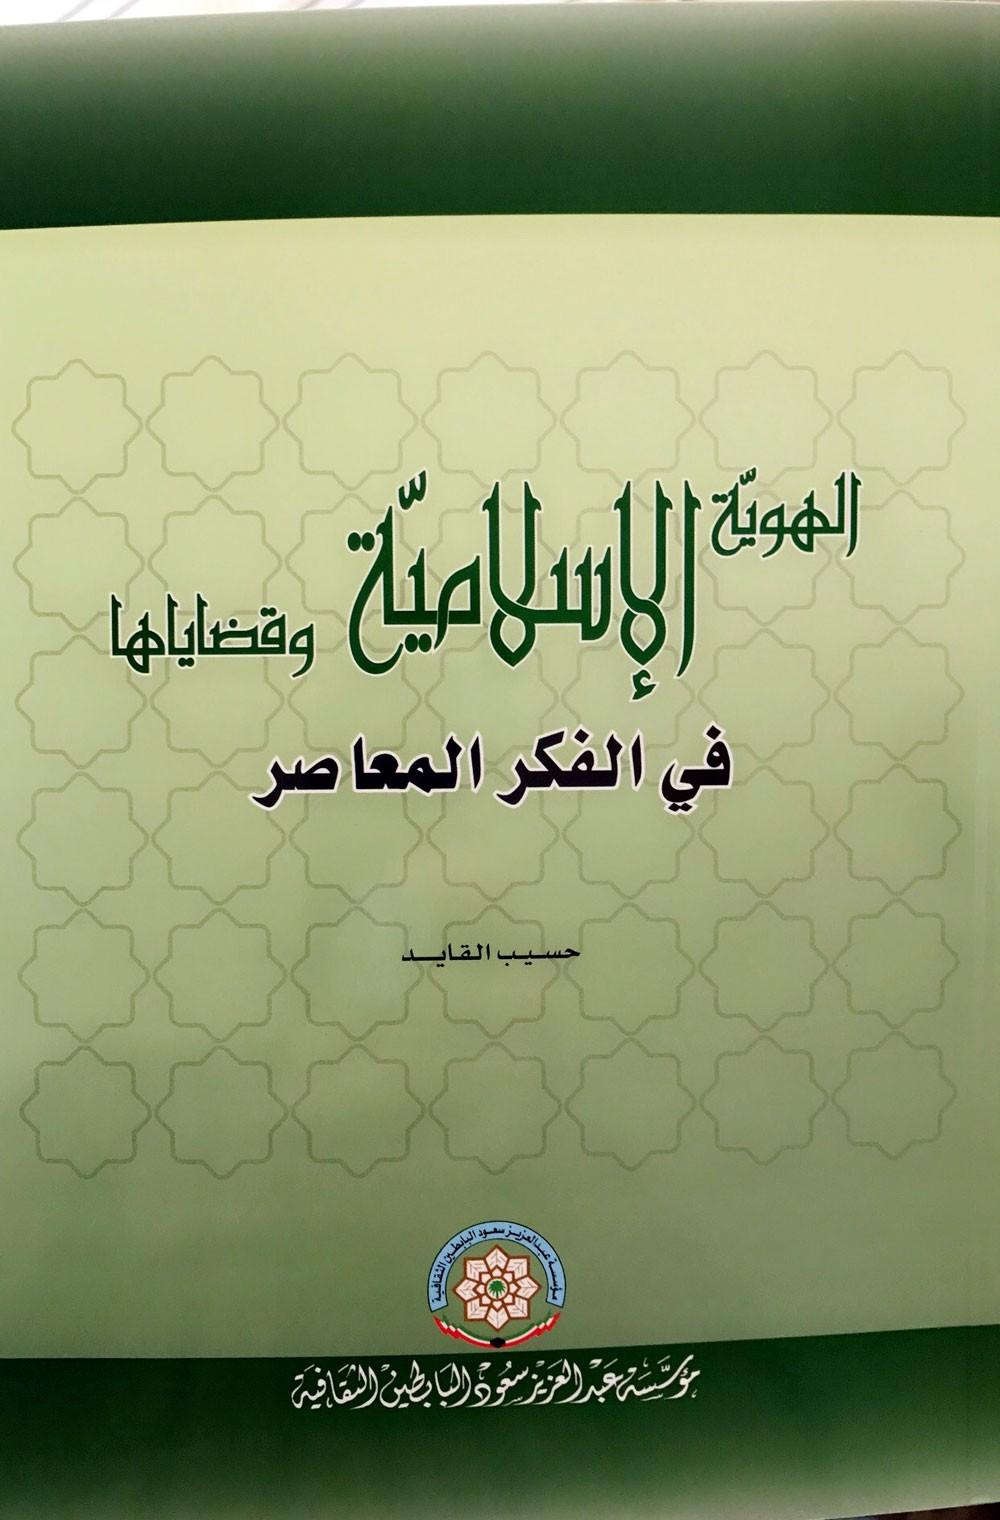 كتاب جديد عن مشروع مؤسسة عبدالعزيز سعود البابطين الثقافية لأجل السلام